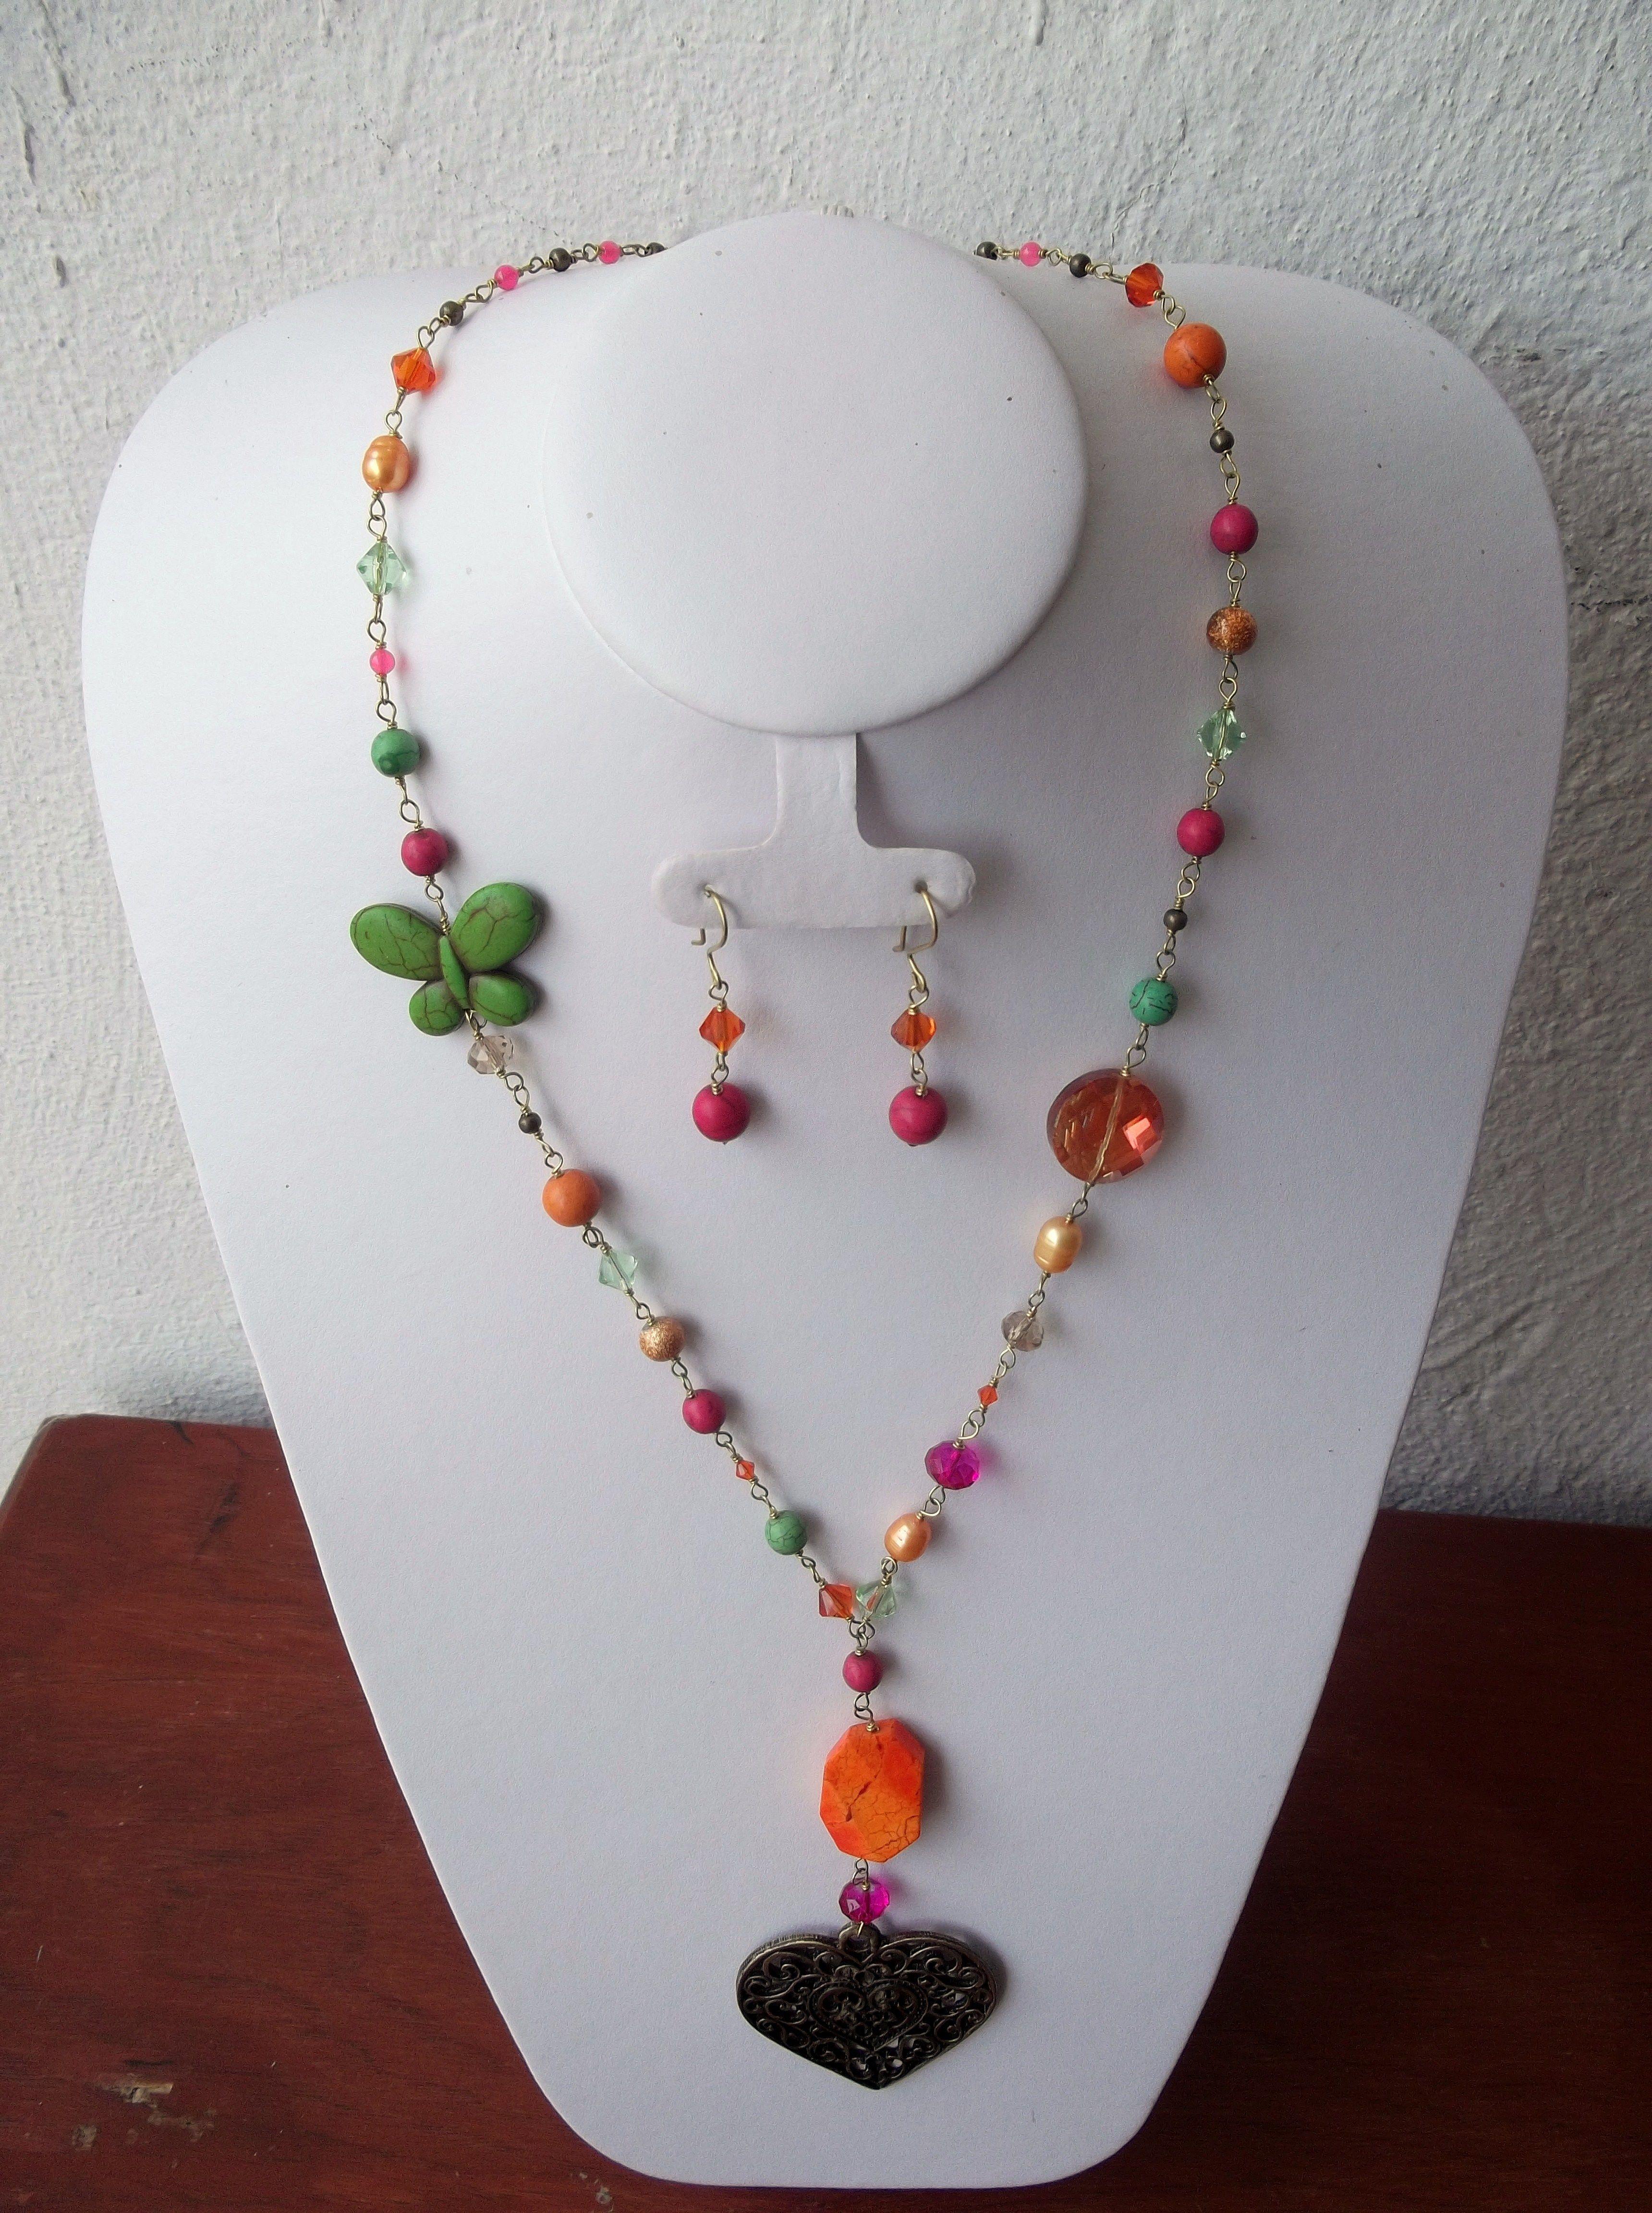 009d218f5bfa Collar en diferentes colores